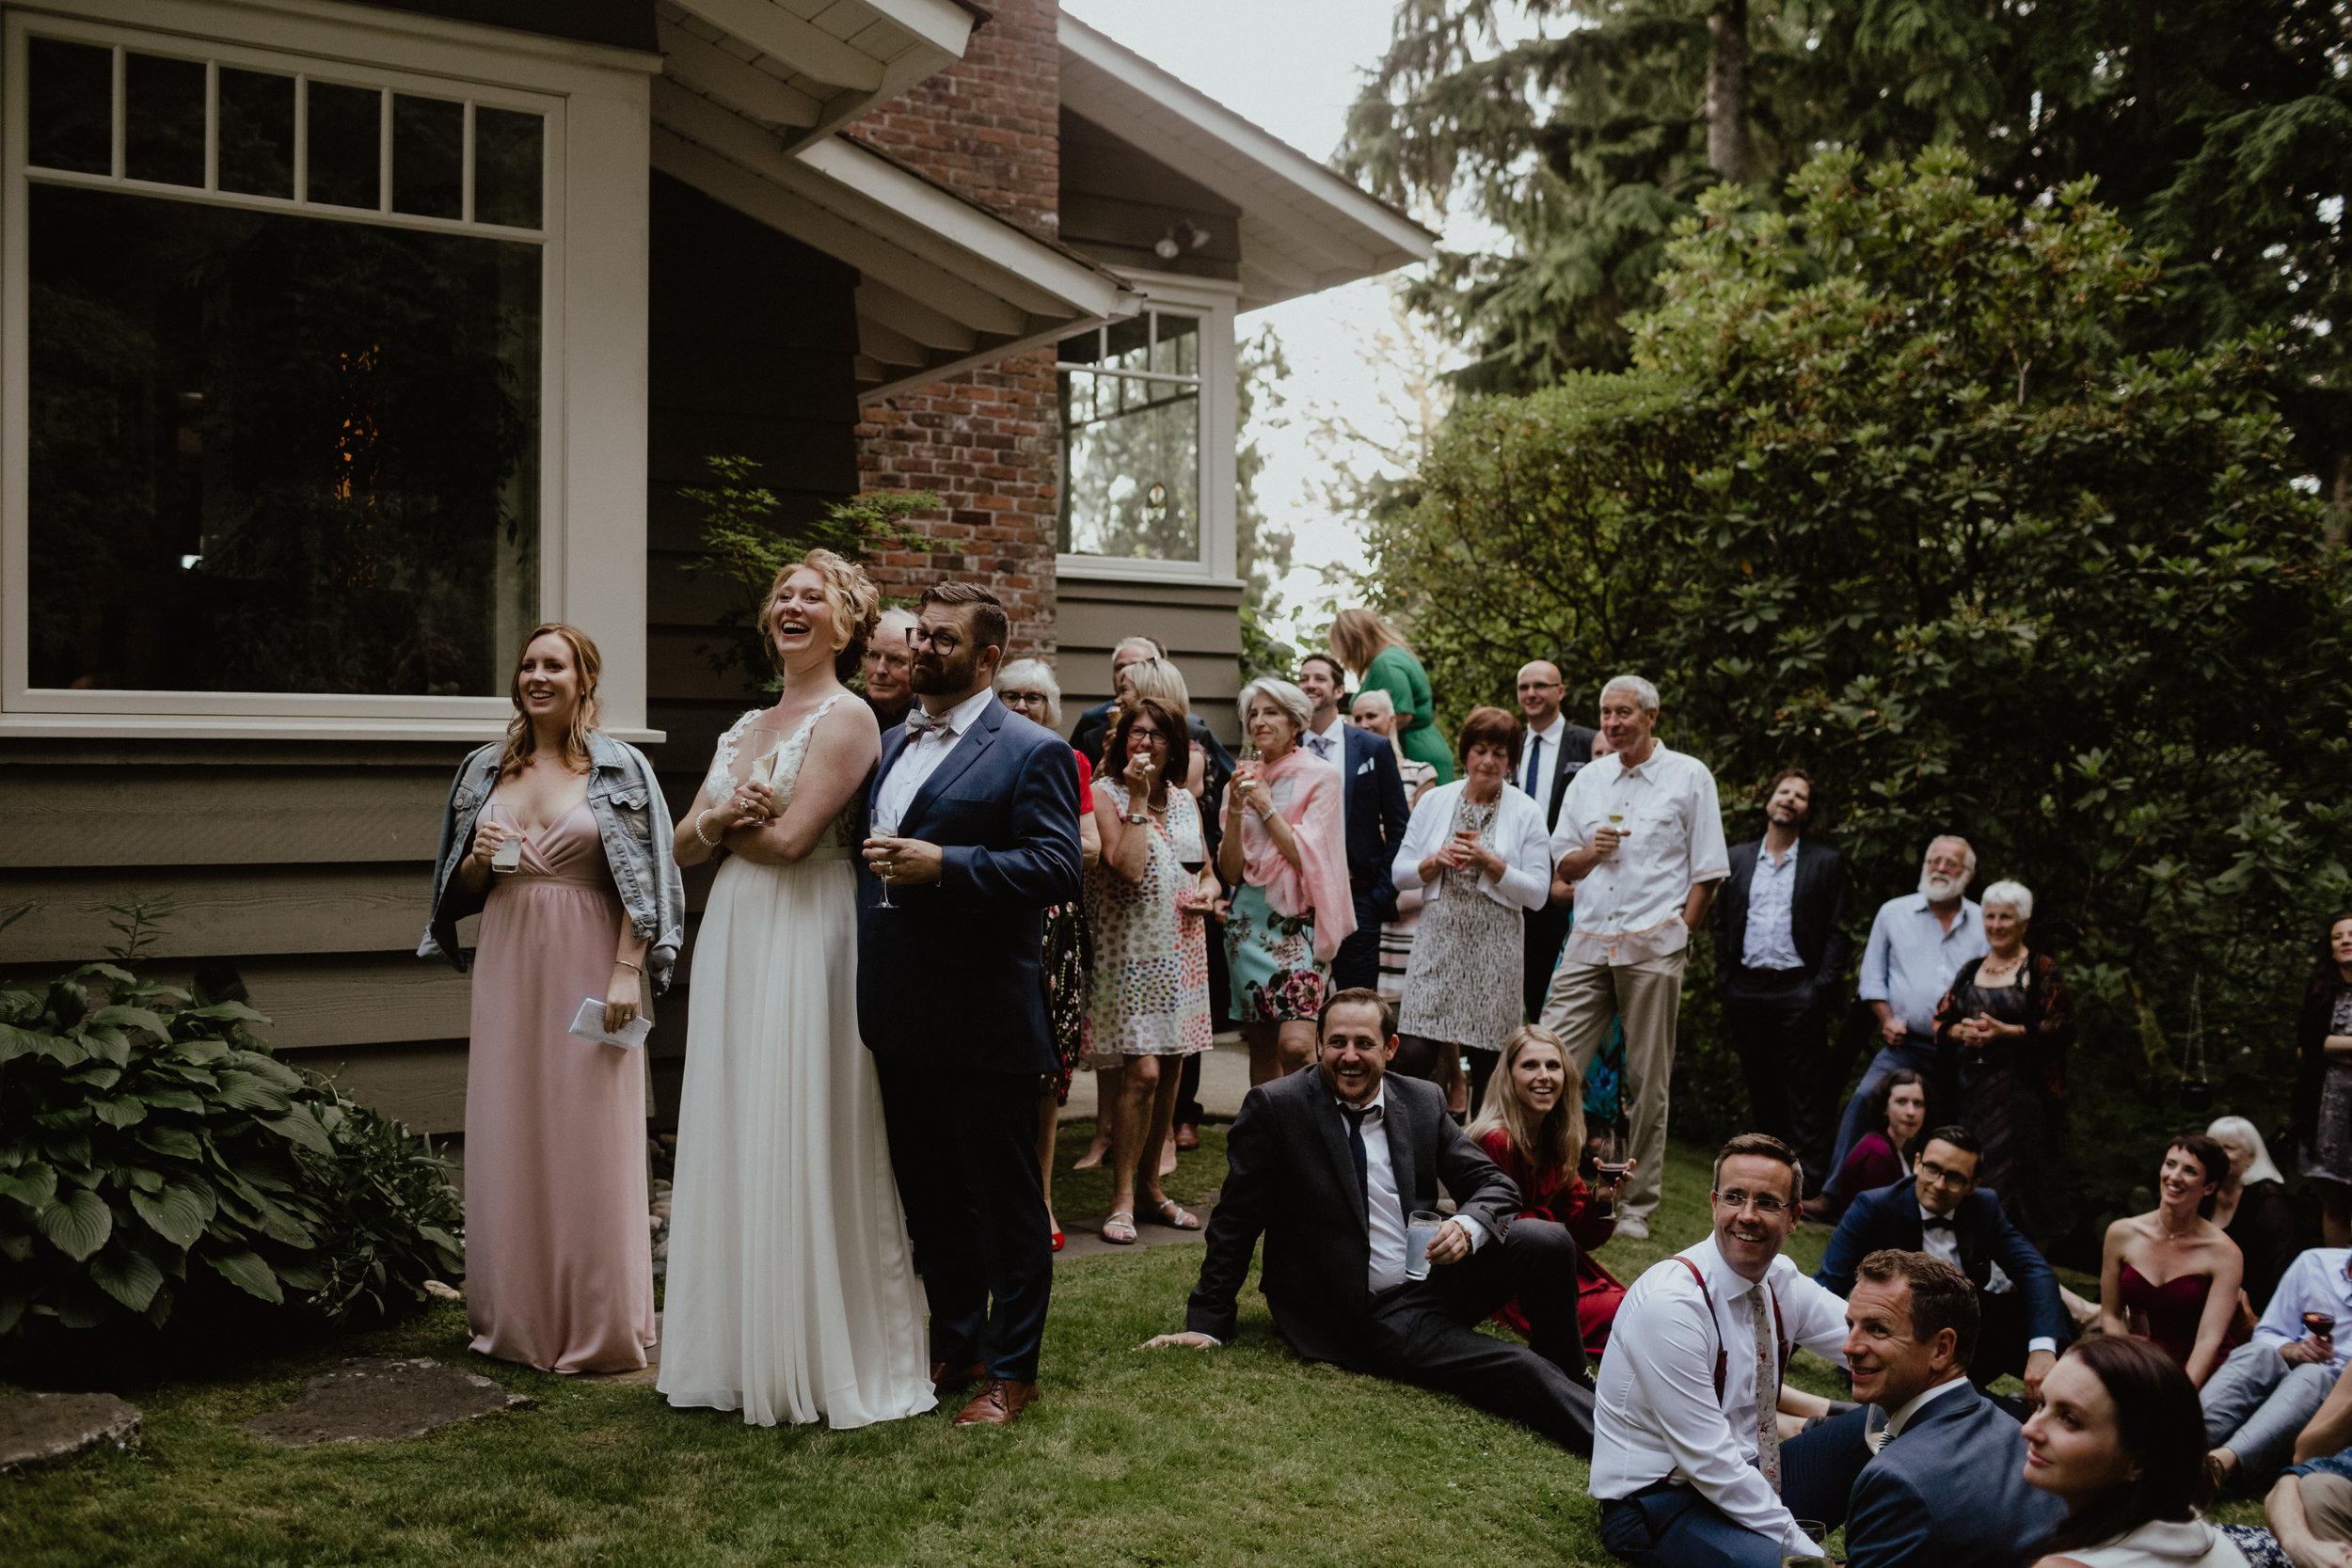 west-vancouver-backyard-wedding-246.jpg